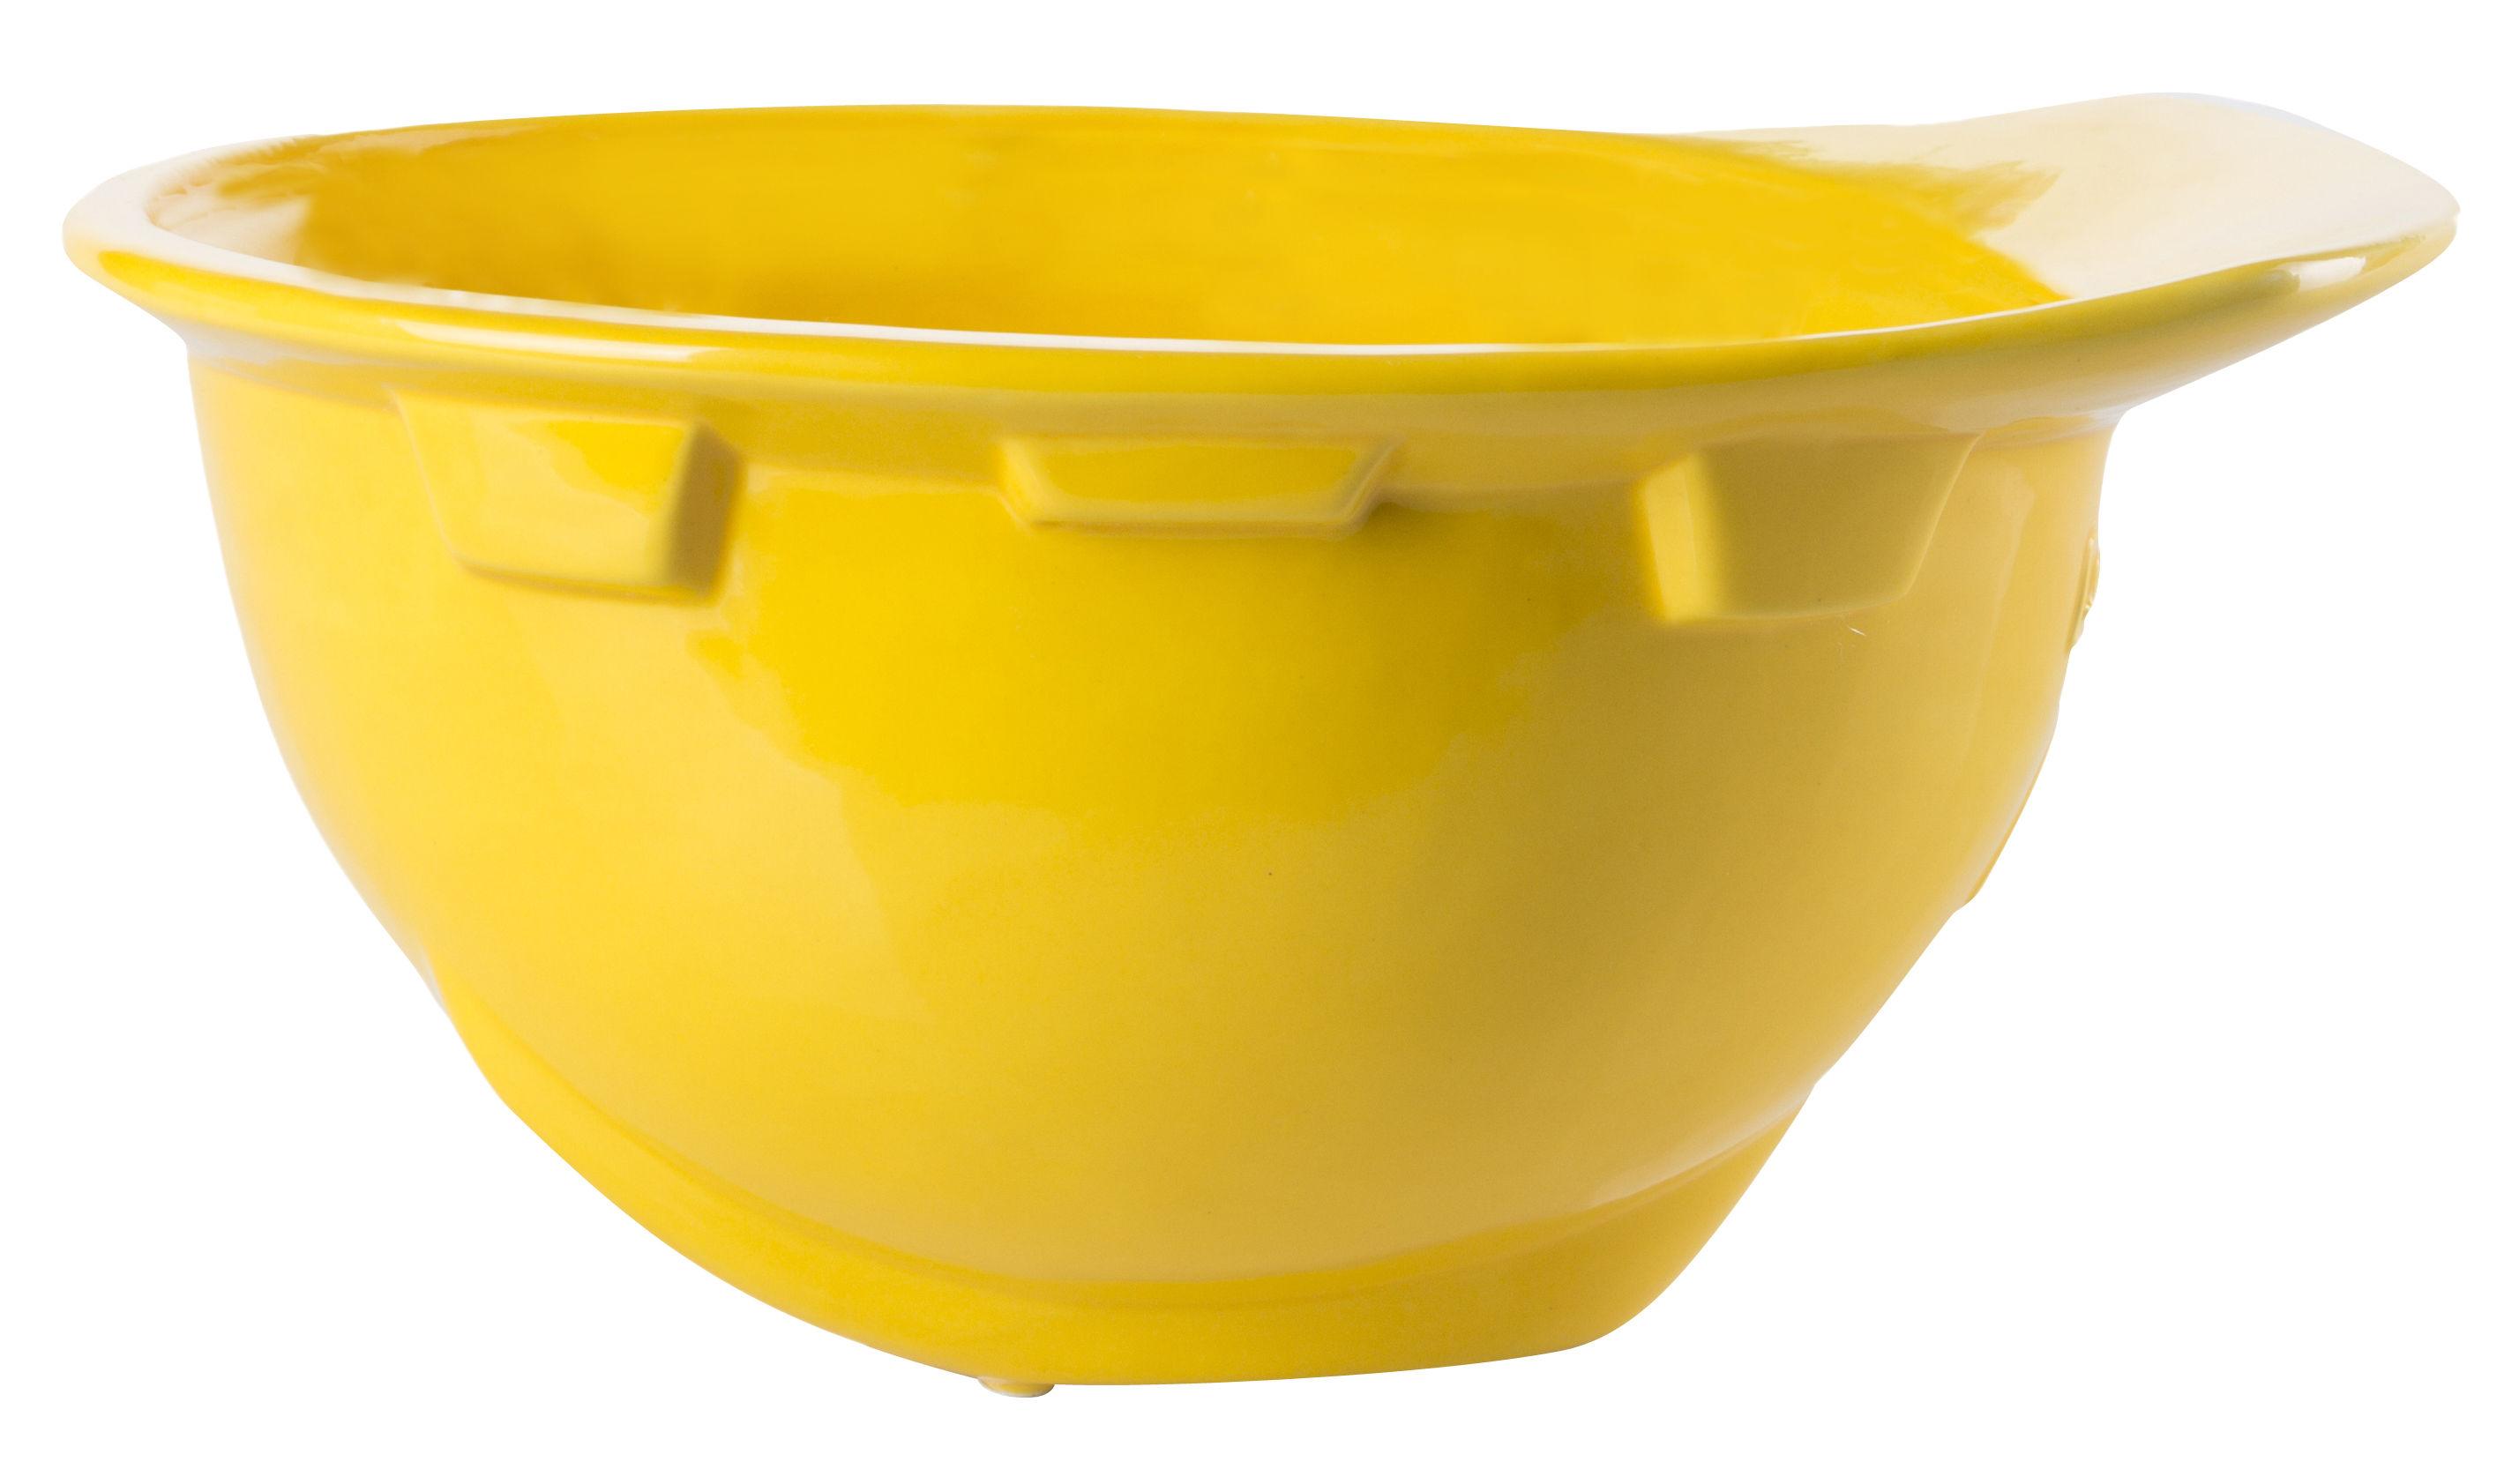 Arts de la table - Saladiers, coupes et bols - Coupe Work is Over / Casque chantier porcelaine - Diesel living with Seletti - Jaune - Porcelaine